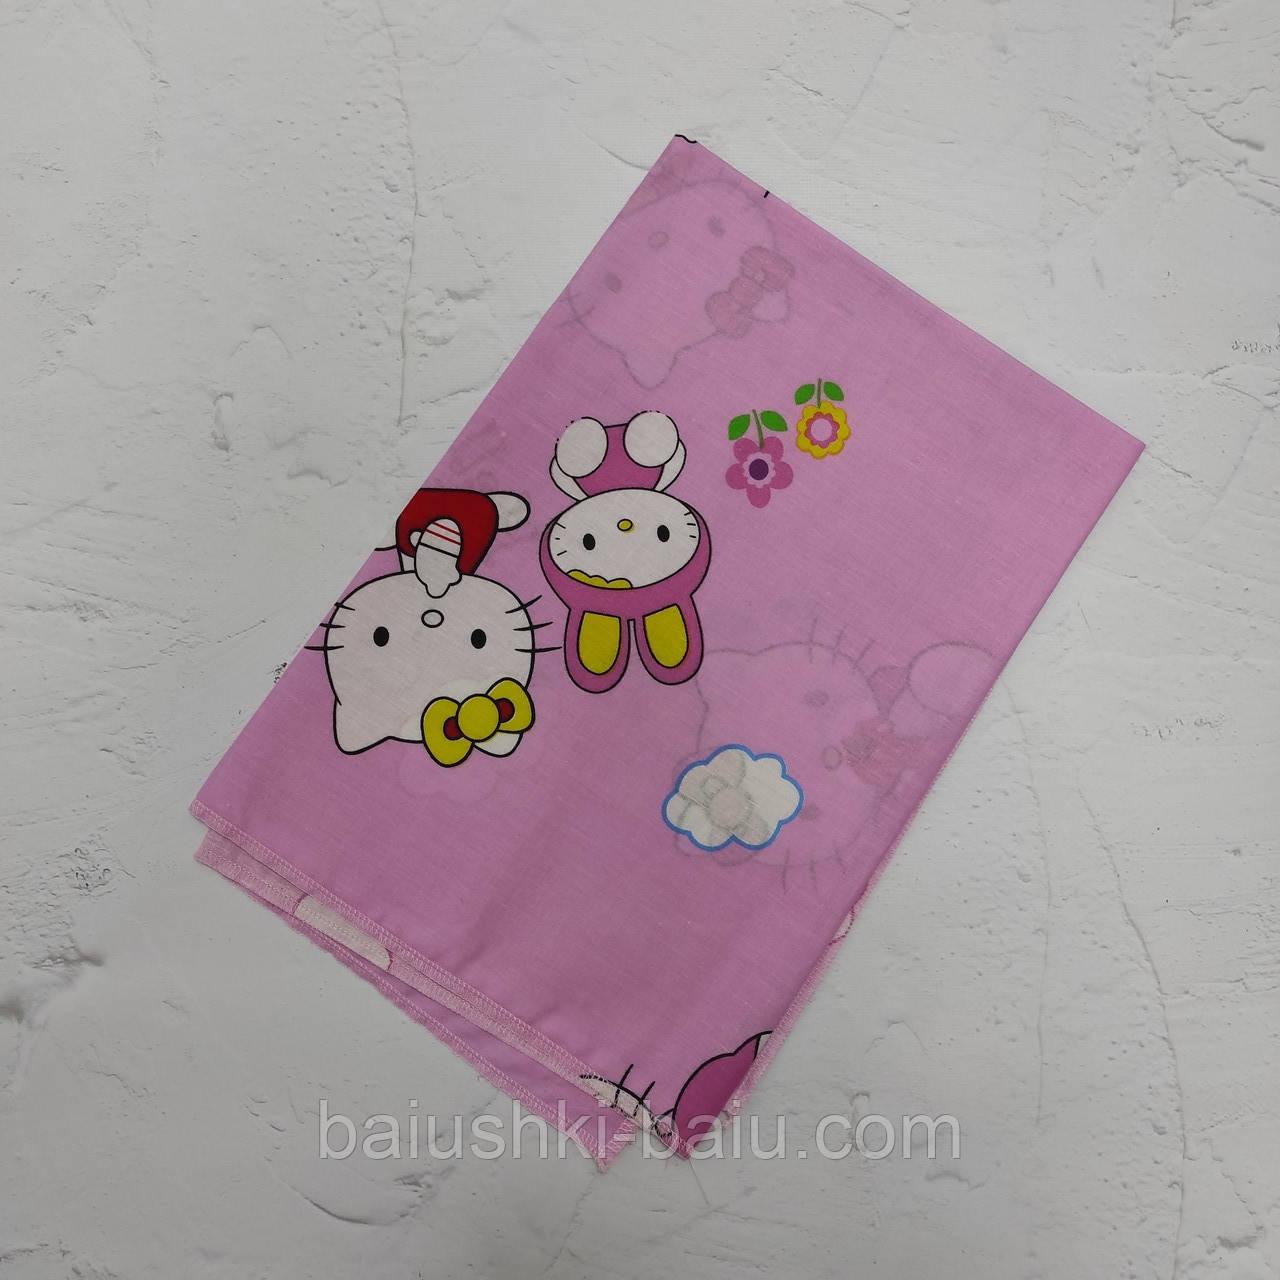 Пеленка для новорожденной девочки в роддом, бязь